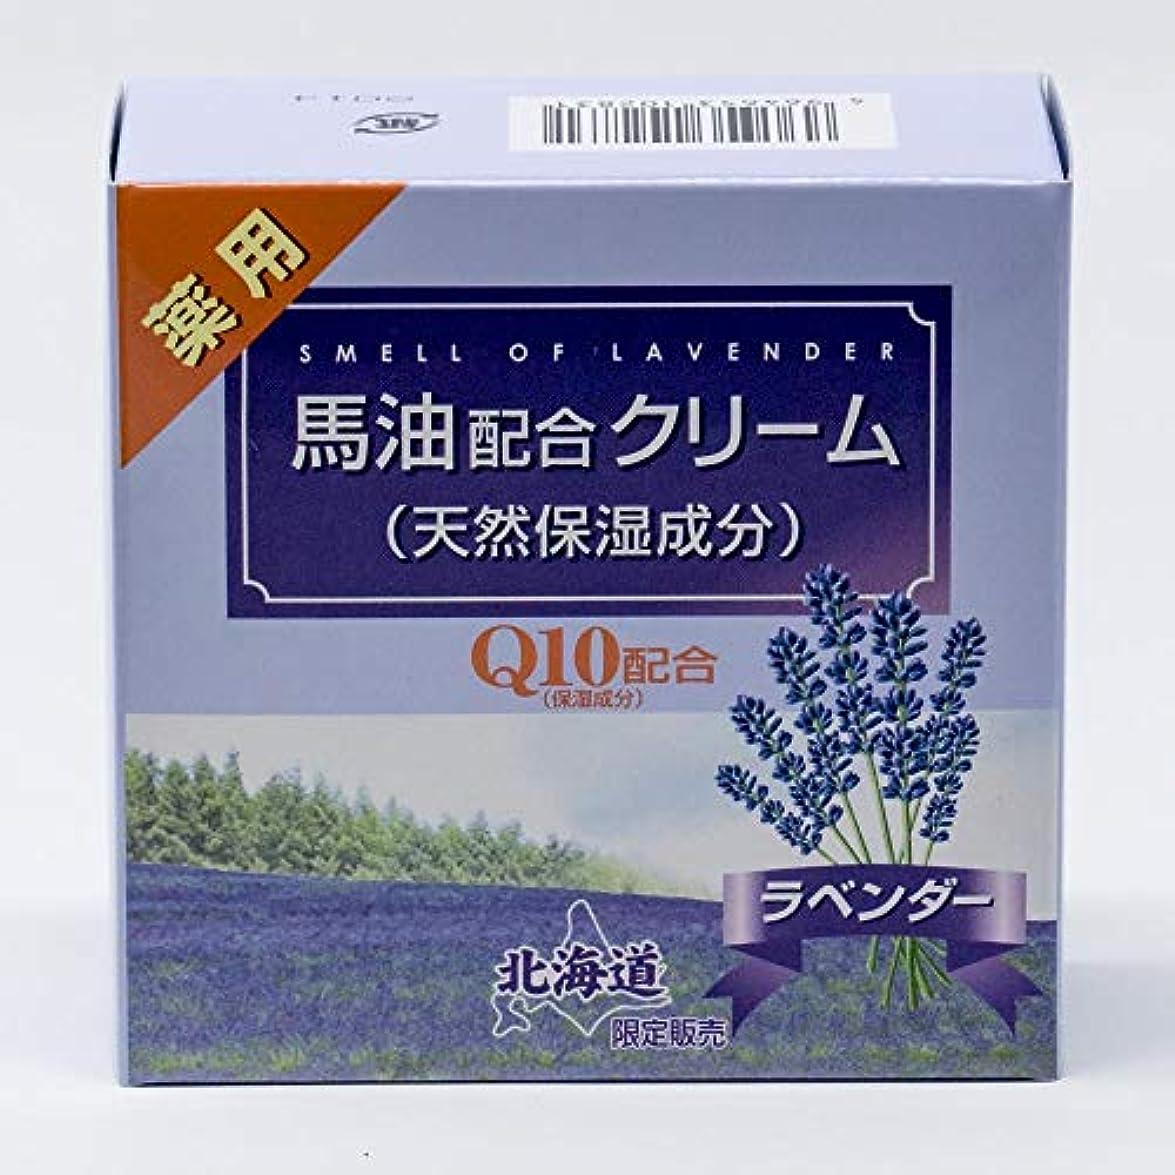 通信網パン粘着性薬用 馬油配合クリーム ラベンダーの香り 保湿成分Q10配合